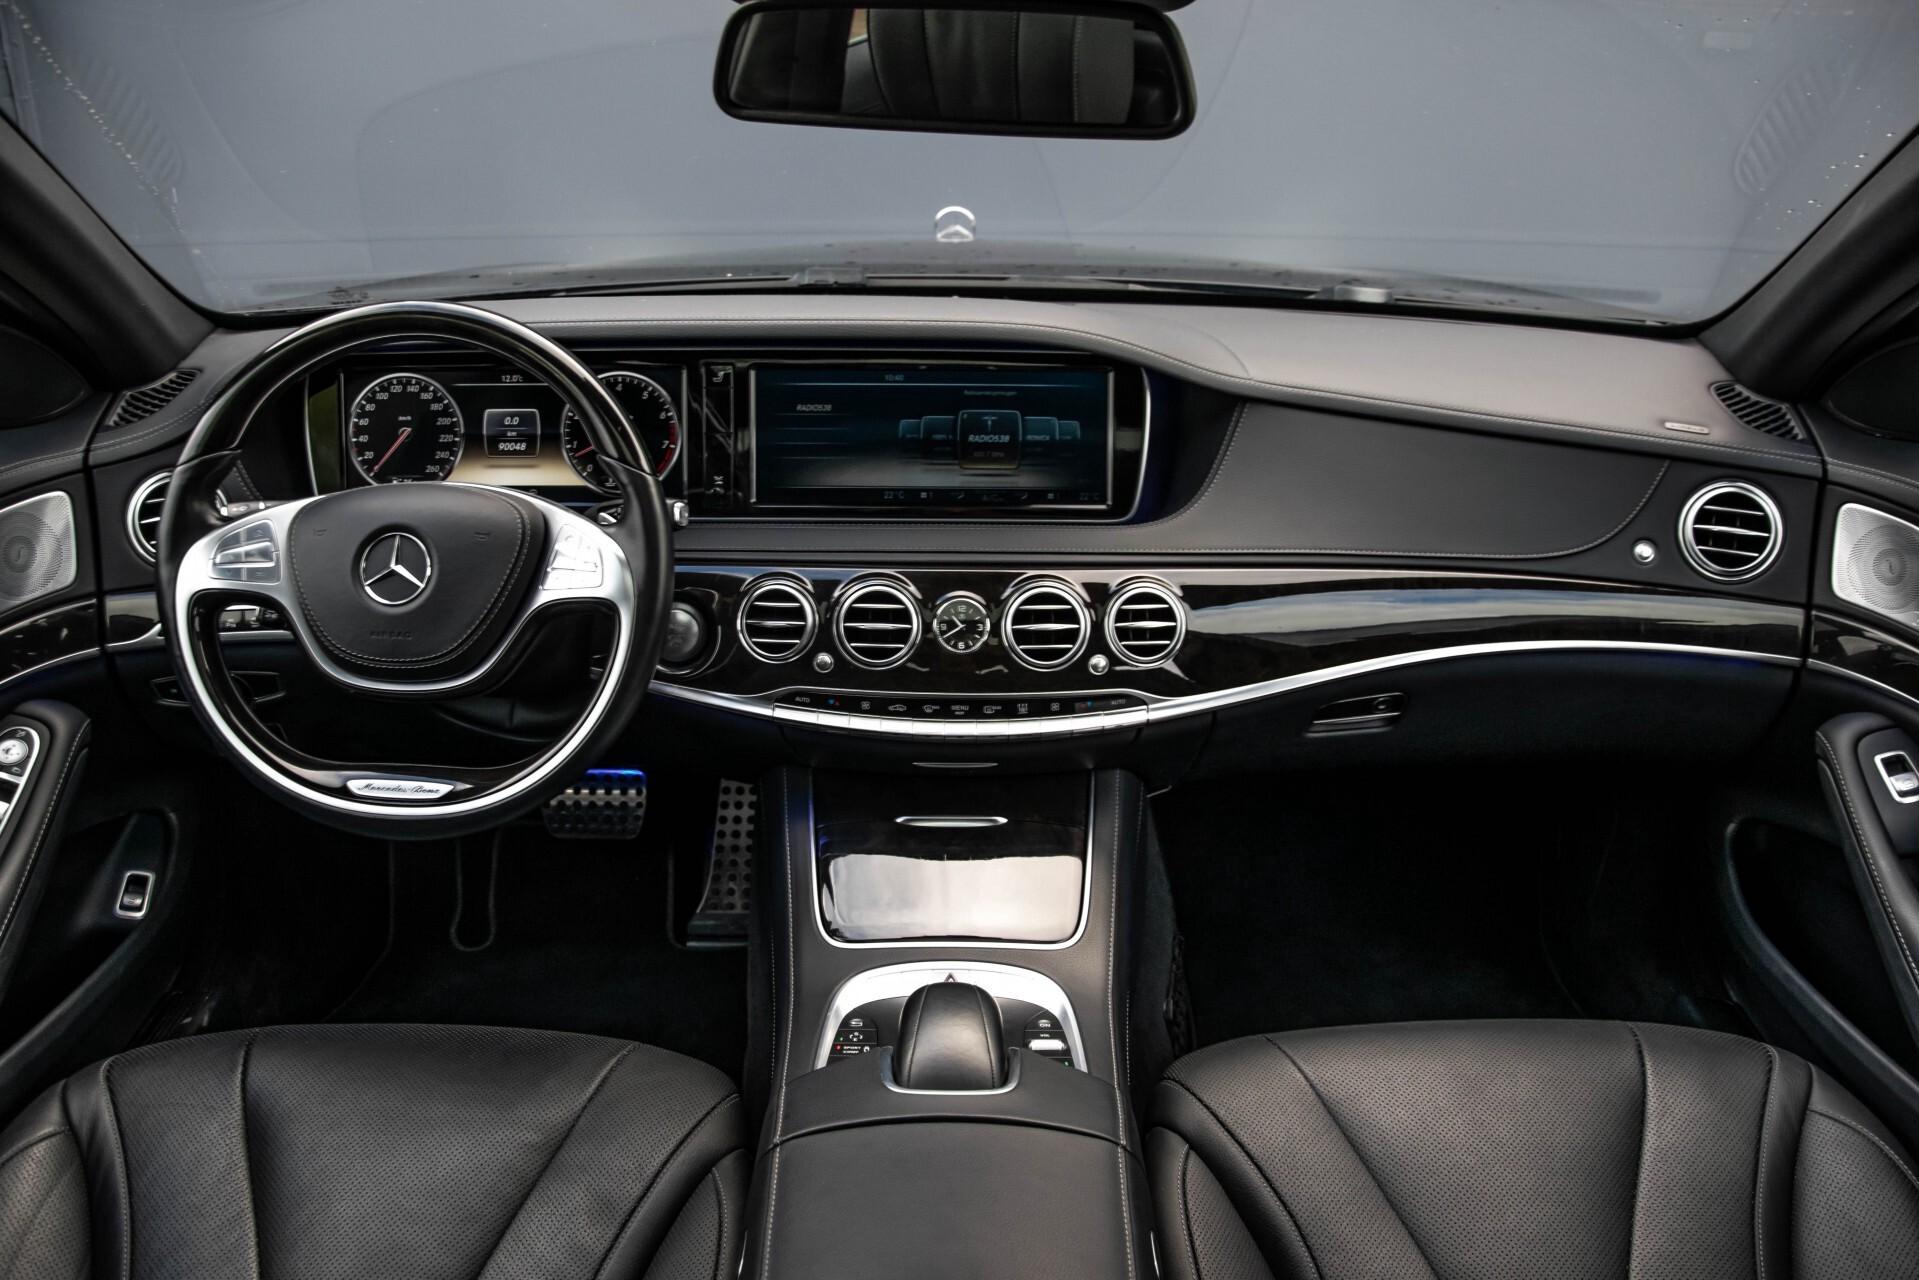 Mercedes-Benz S-Klasse 500 4-M AMG Panorama/Standkachel/Massage/Entertainment/TV Aut7 Foto 8